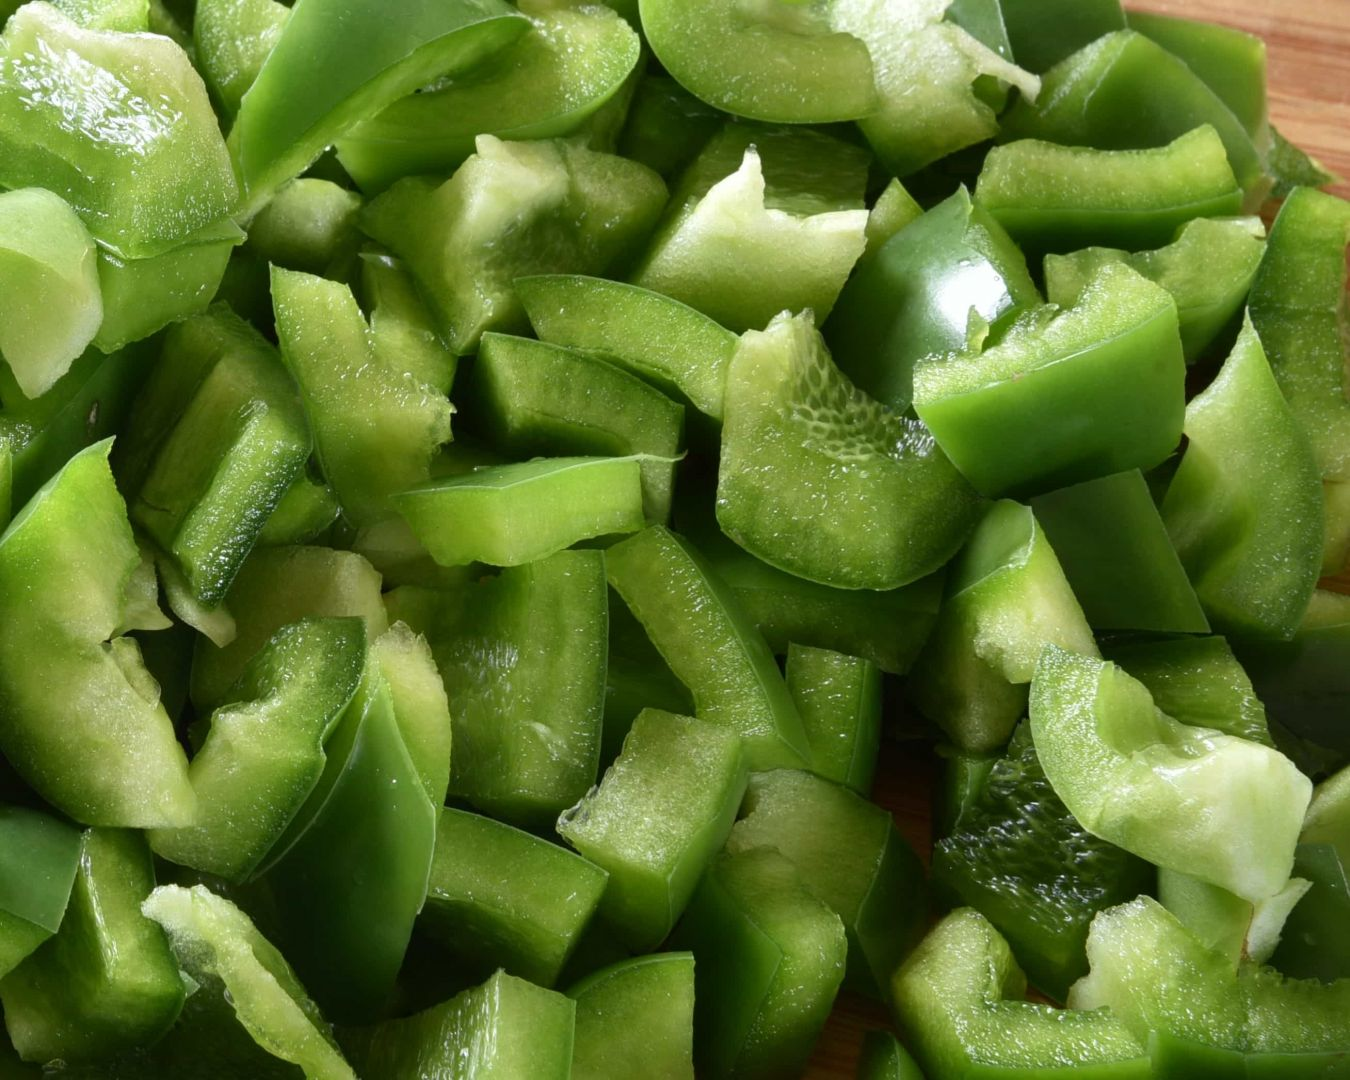 Añadimos el pimiento verde picado